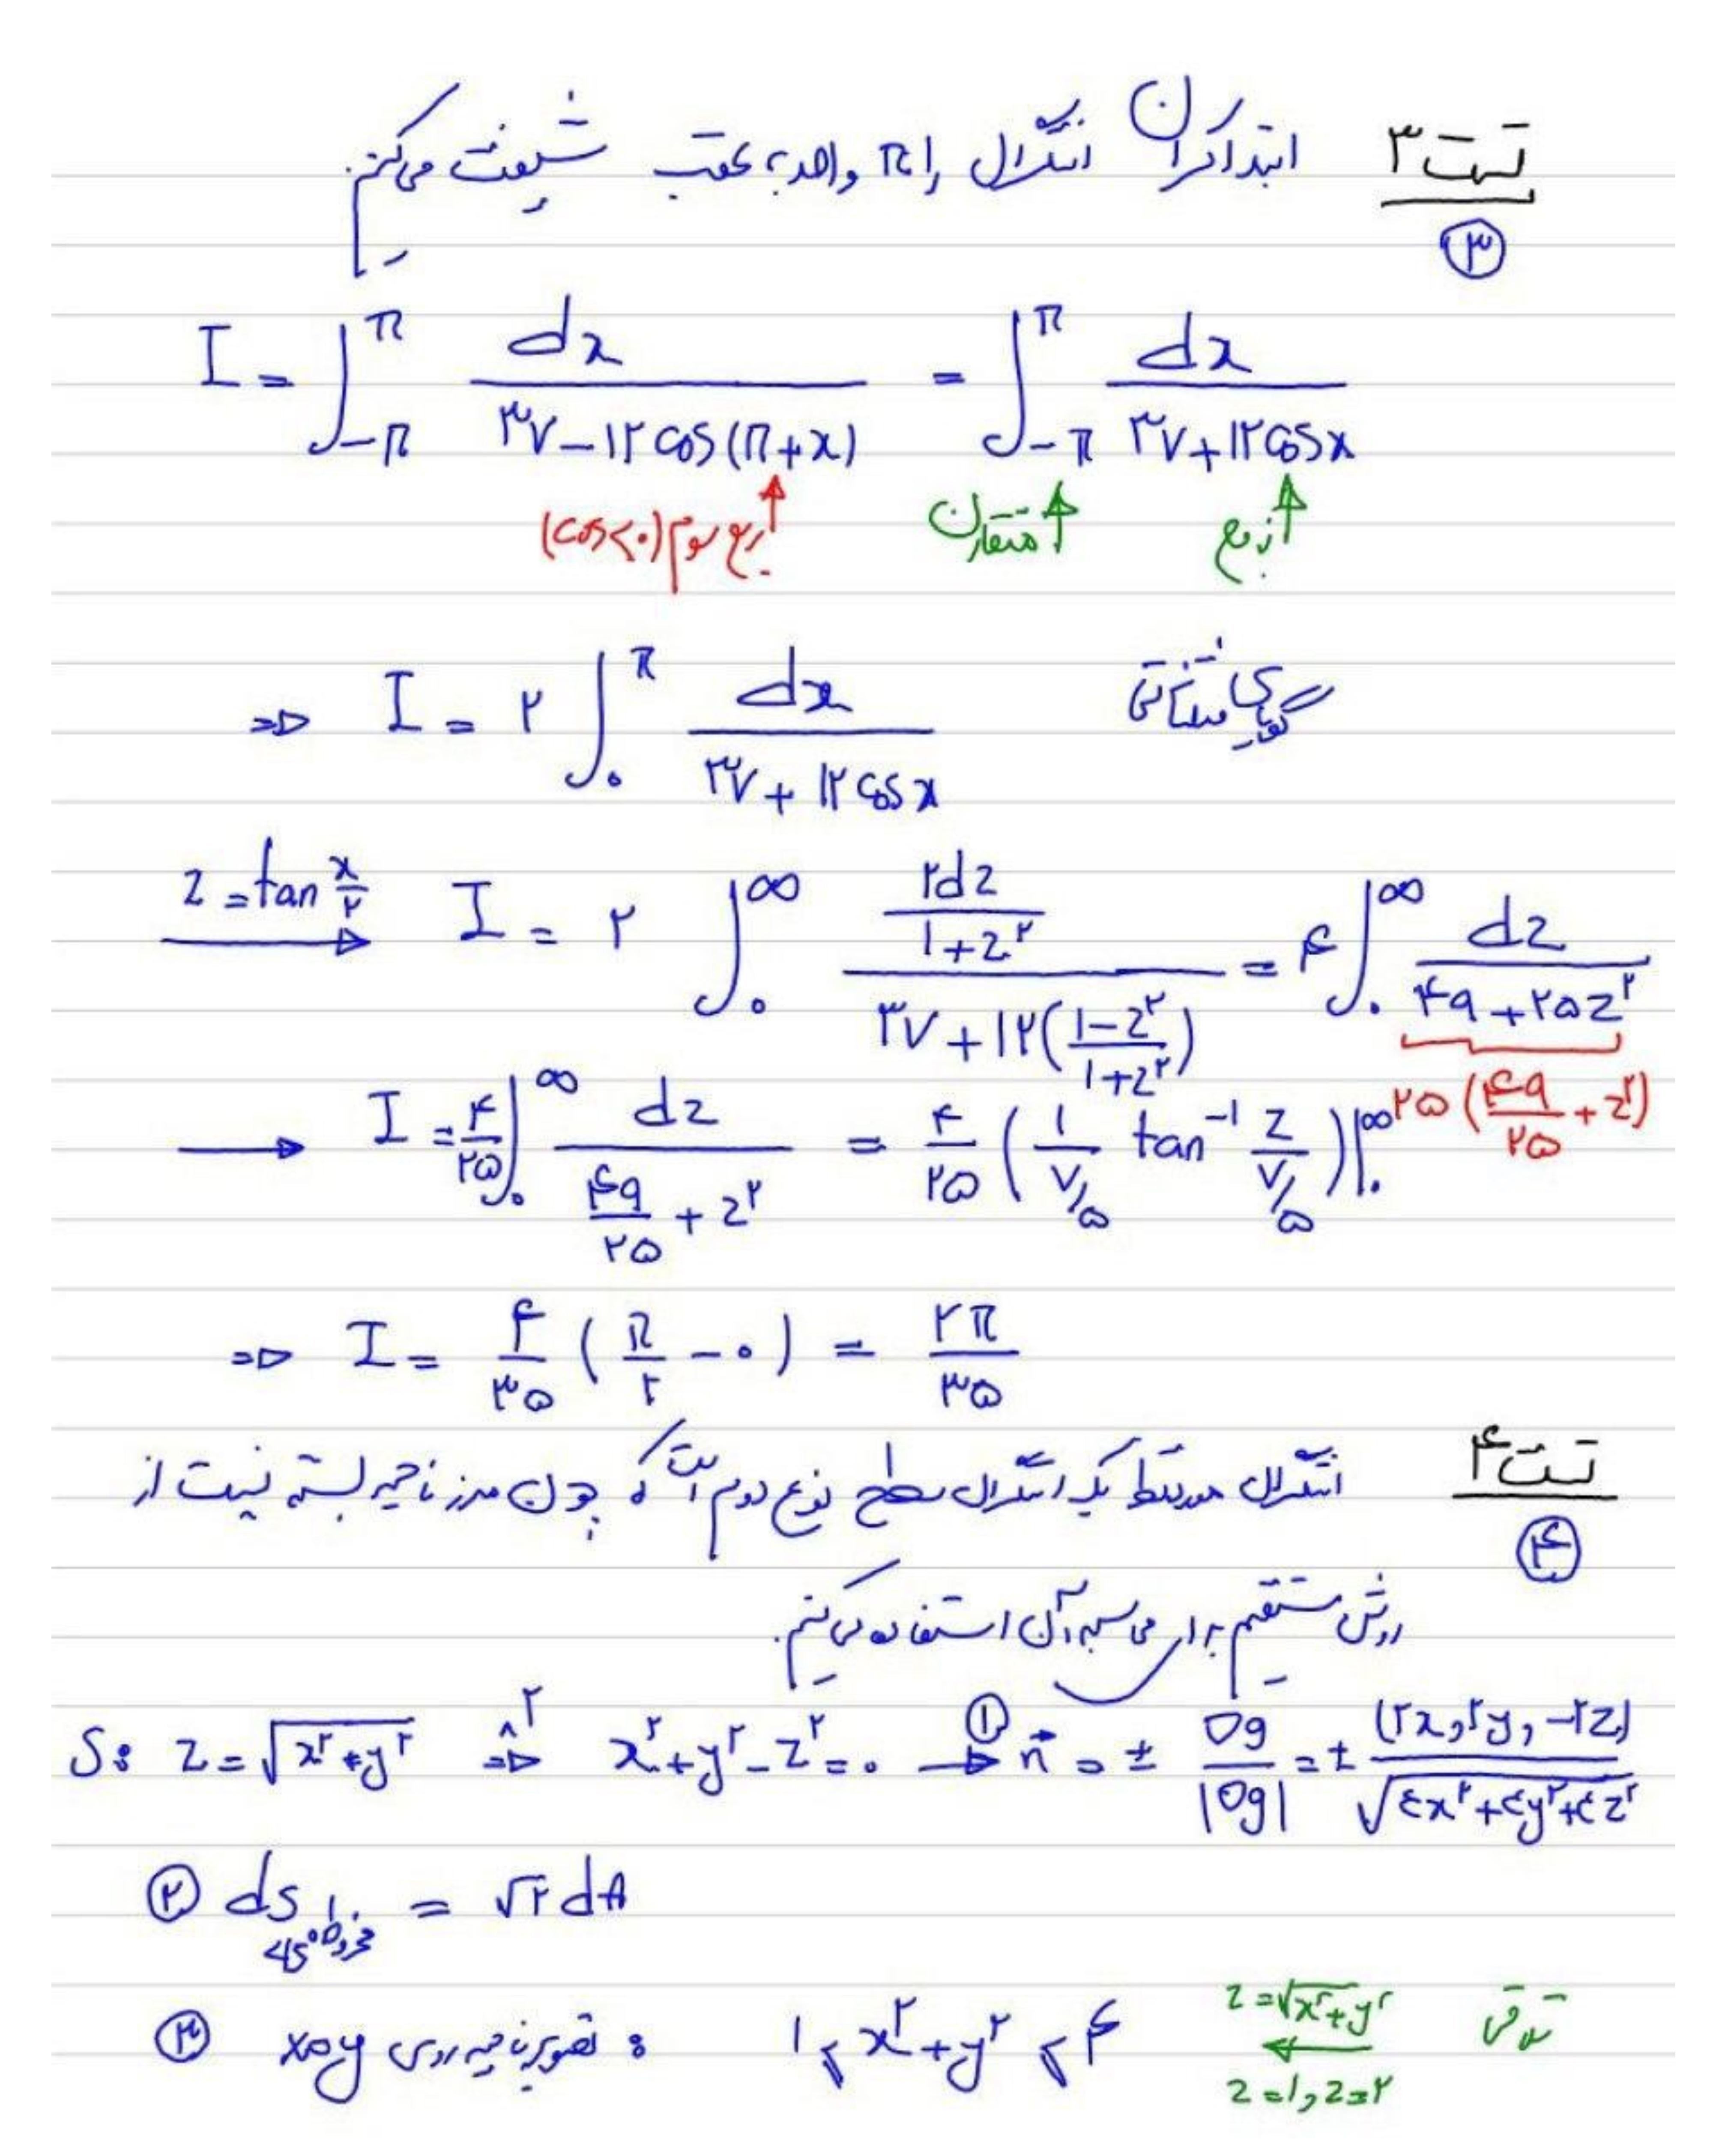 پاسخ تشریحی سوالات ریاضی کوییز 39